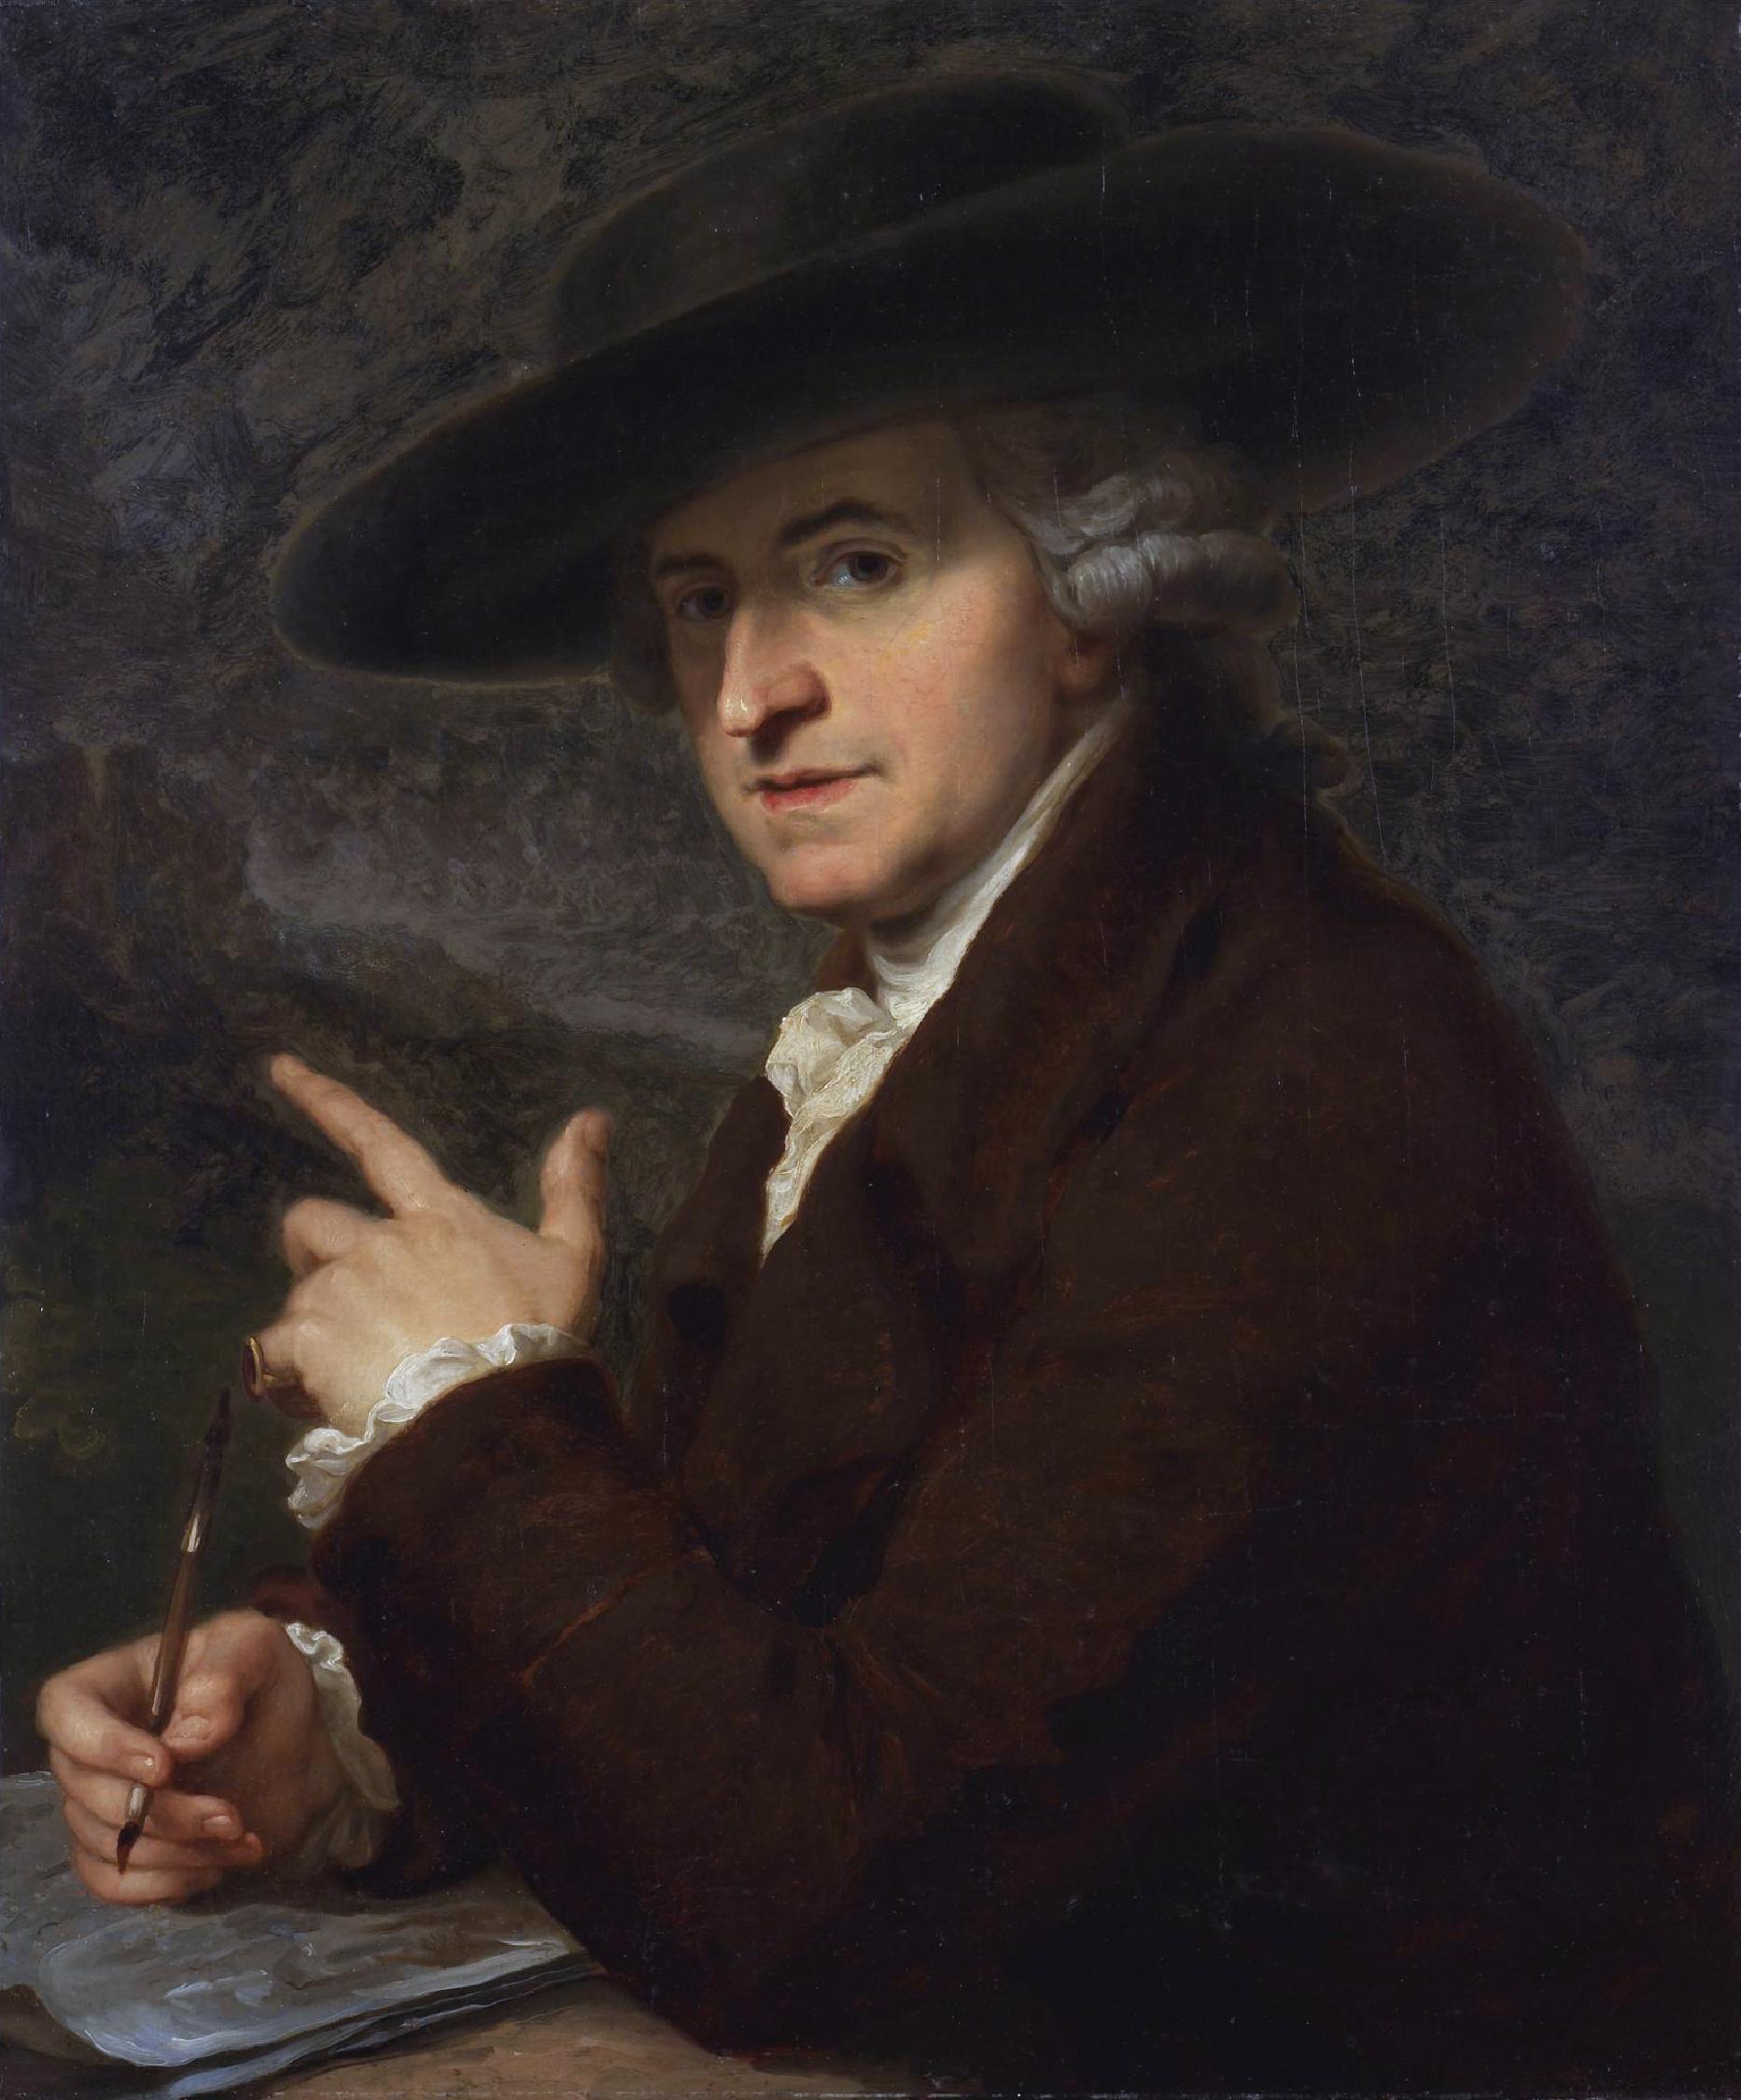 La imagen muestra a un hombre en plano medio, tocado con un sombrero que arroja una sombra sobre su mirada pero que mira al espectador con cierta curiosidad. Pulse para ampliar.